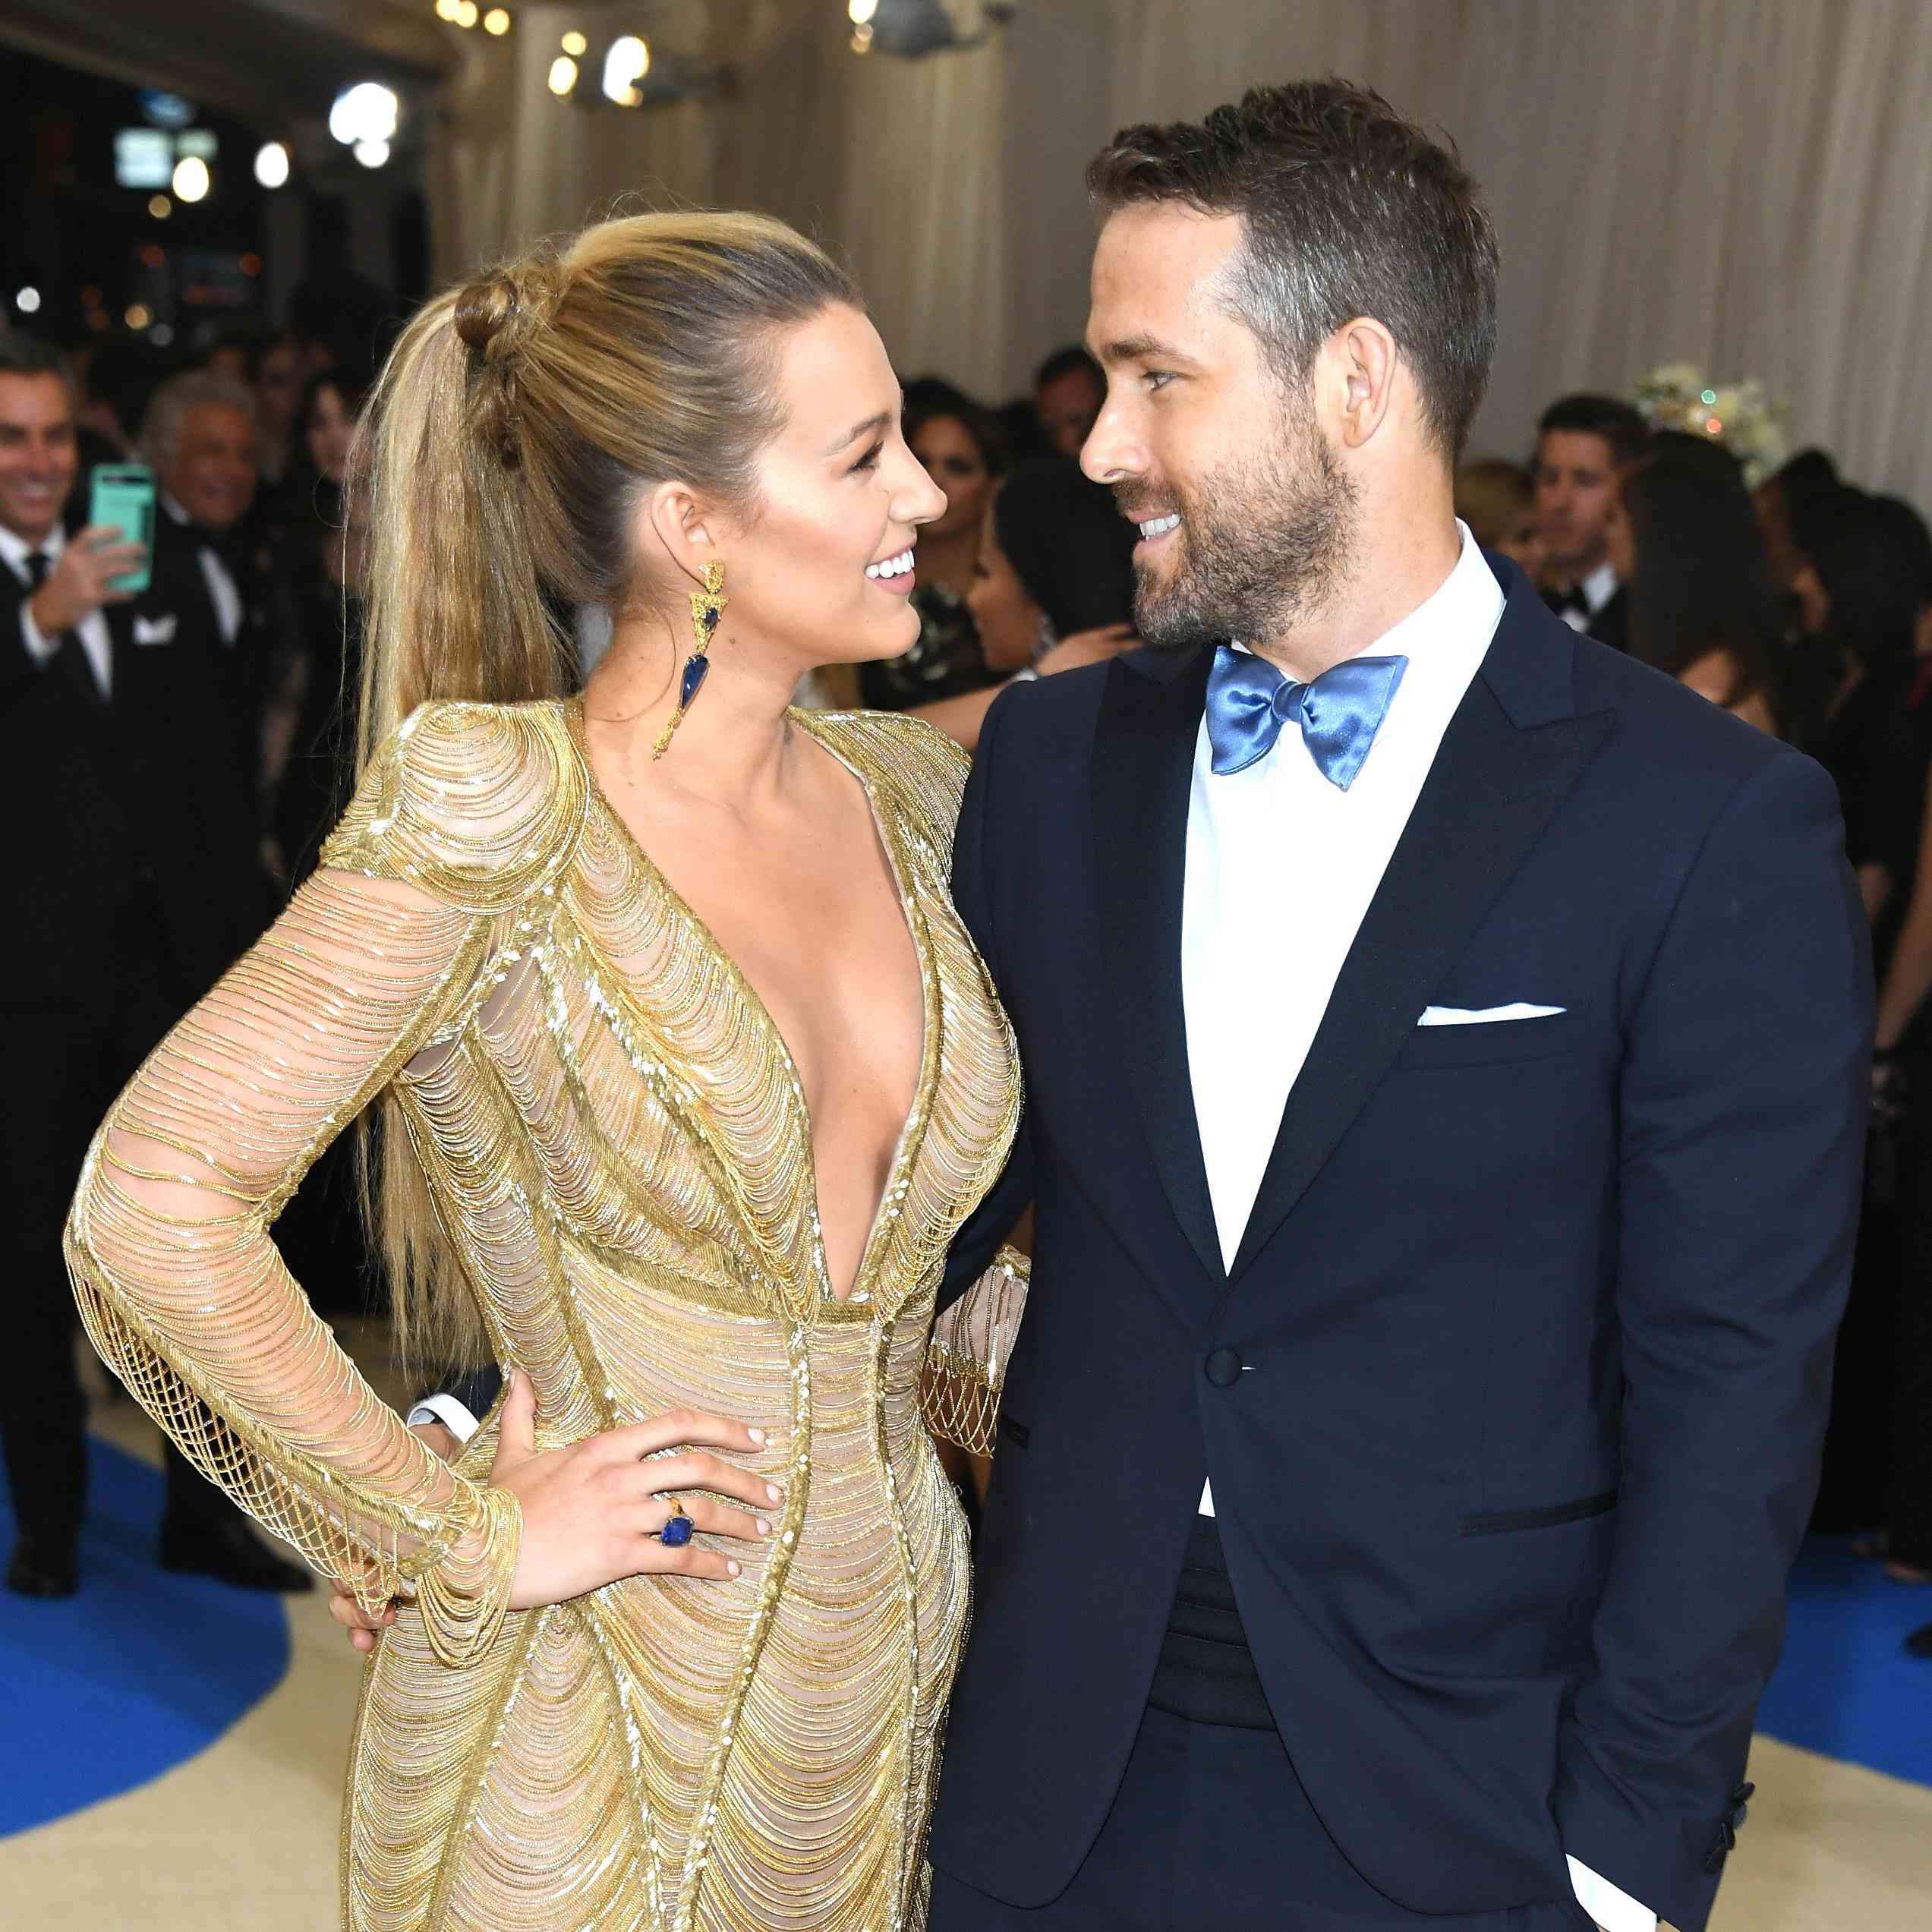 Ryan Reynolds And Blake Lively Wedding.Blake Lively Celebrates Wedding Anniversary To Ryan Reynolds